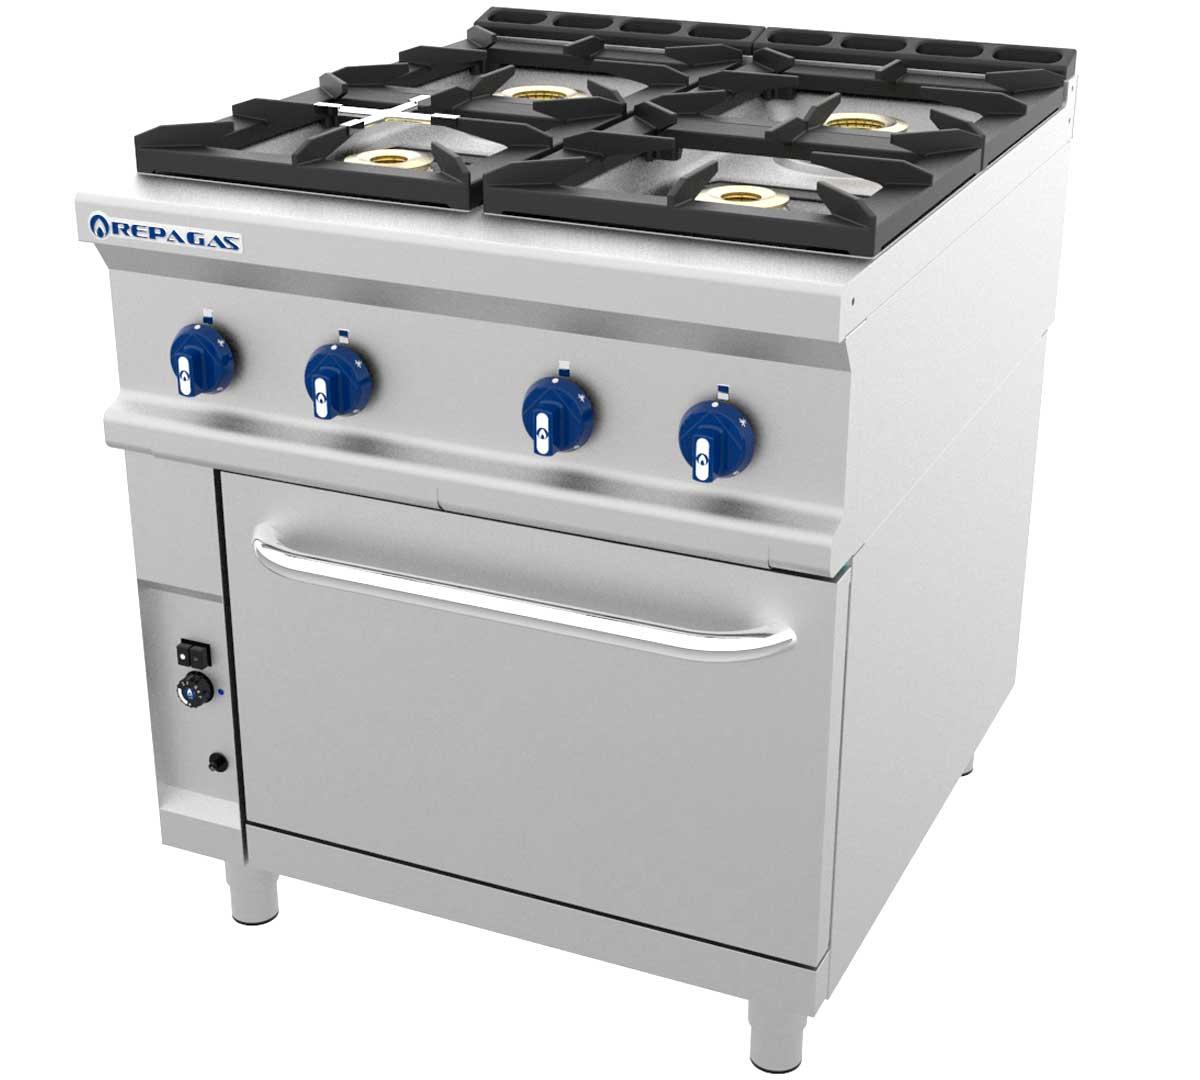 Cocina repagas serie 900 cg horno - Cocina gas natural con horno ...